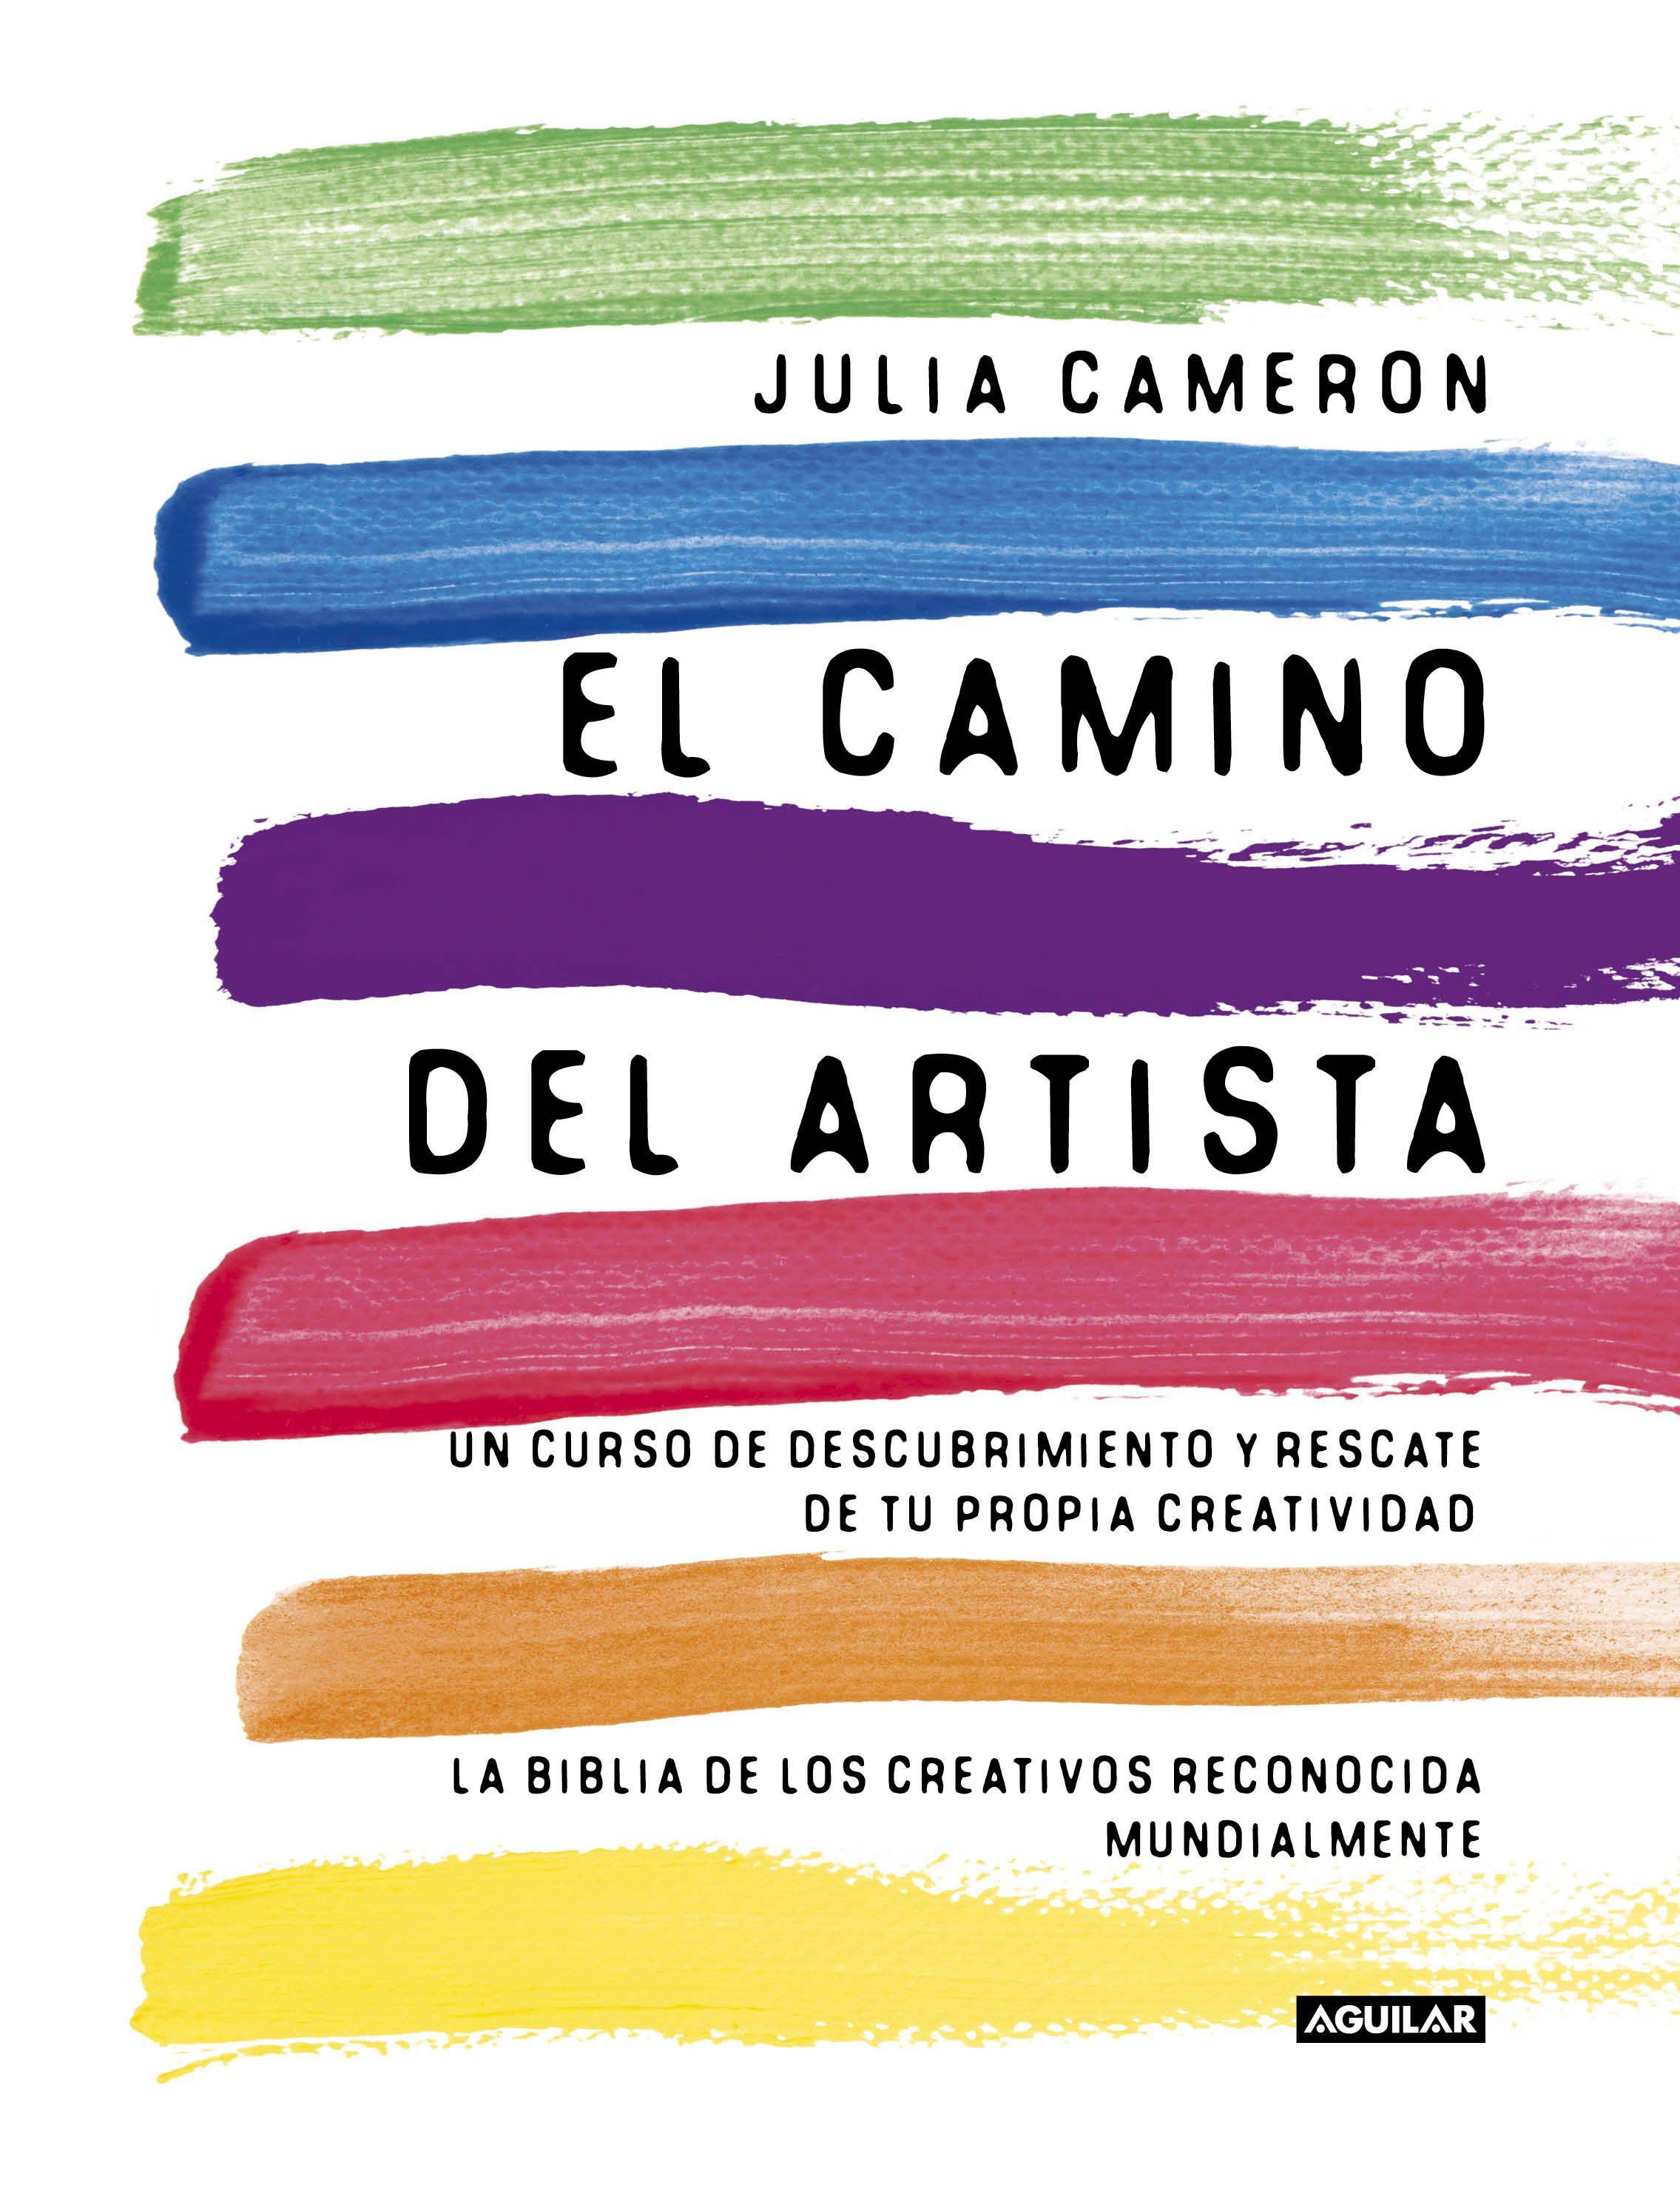 El Camino El Artista Julia Cameron Libros De Desarrollo Personal Libros De Autoayuda Libros